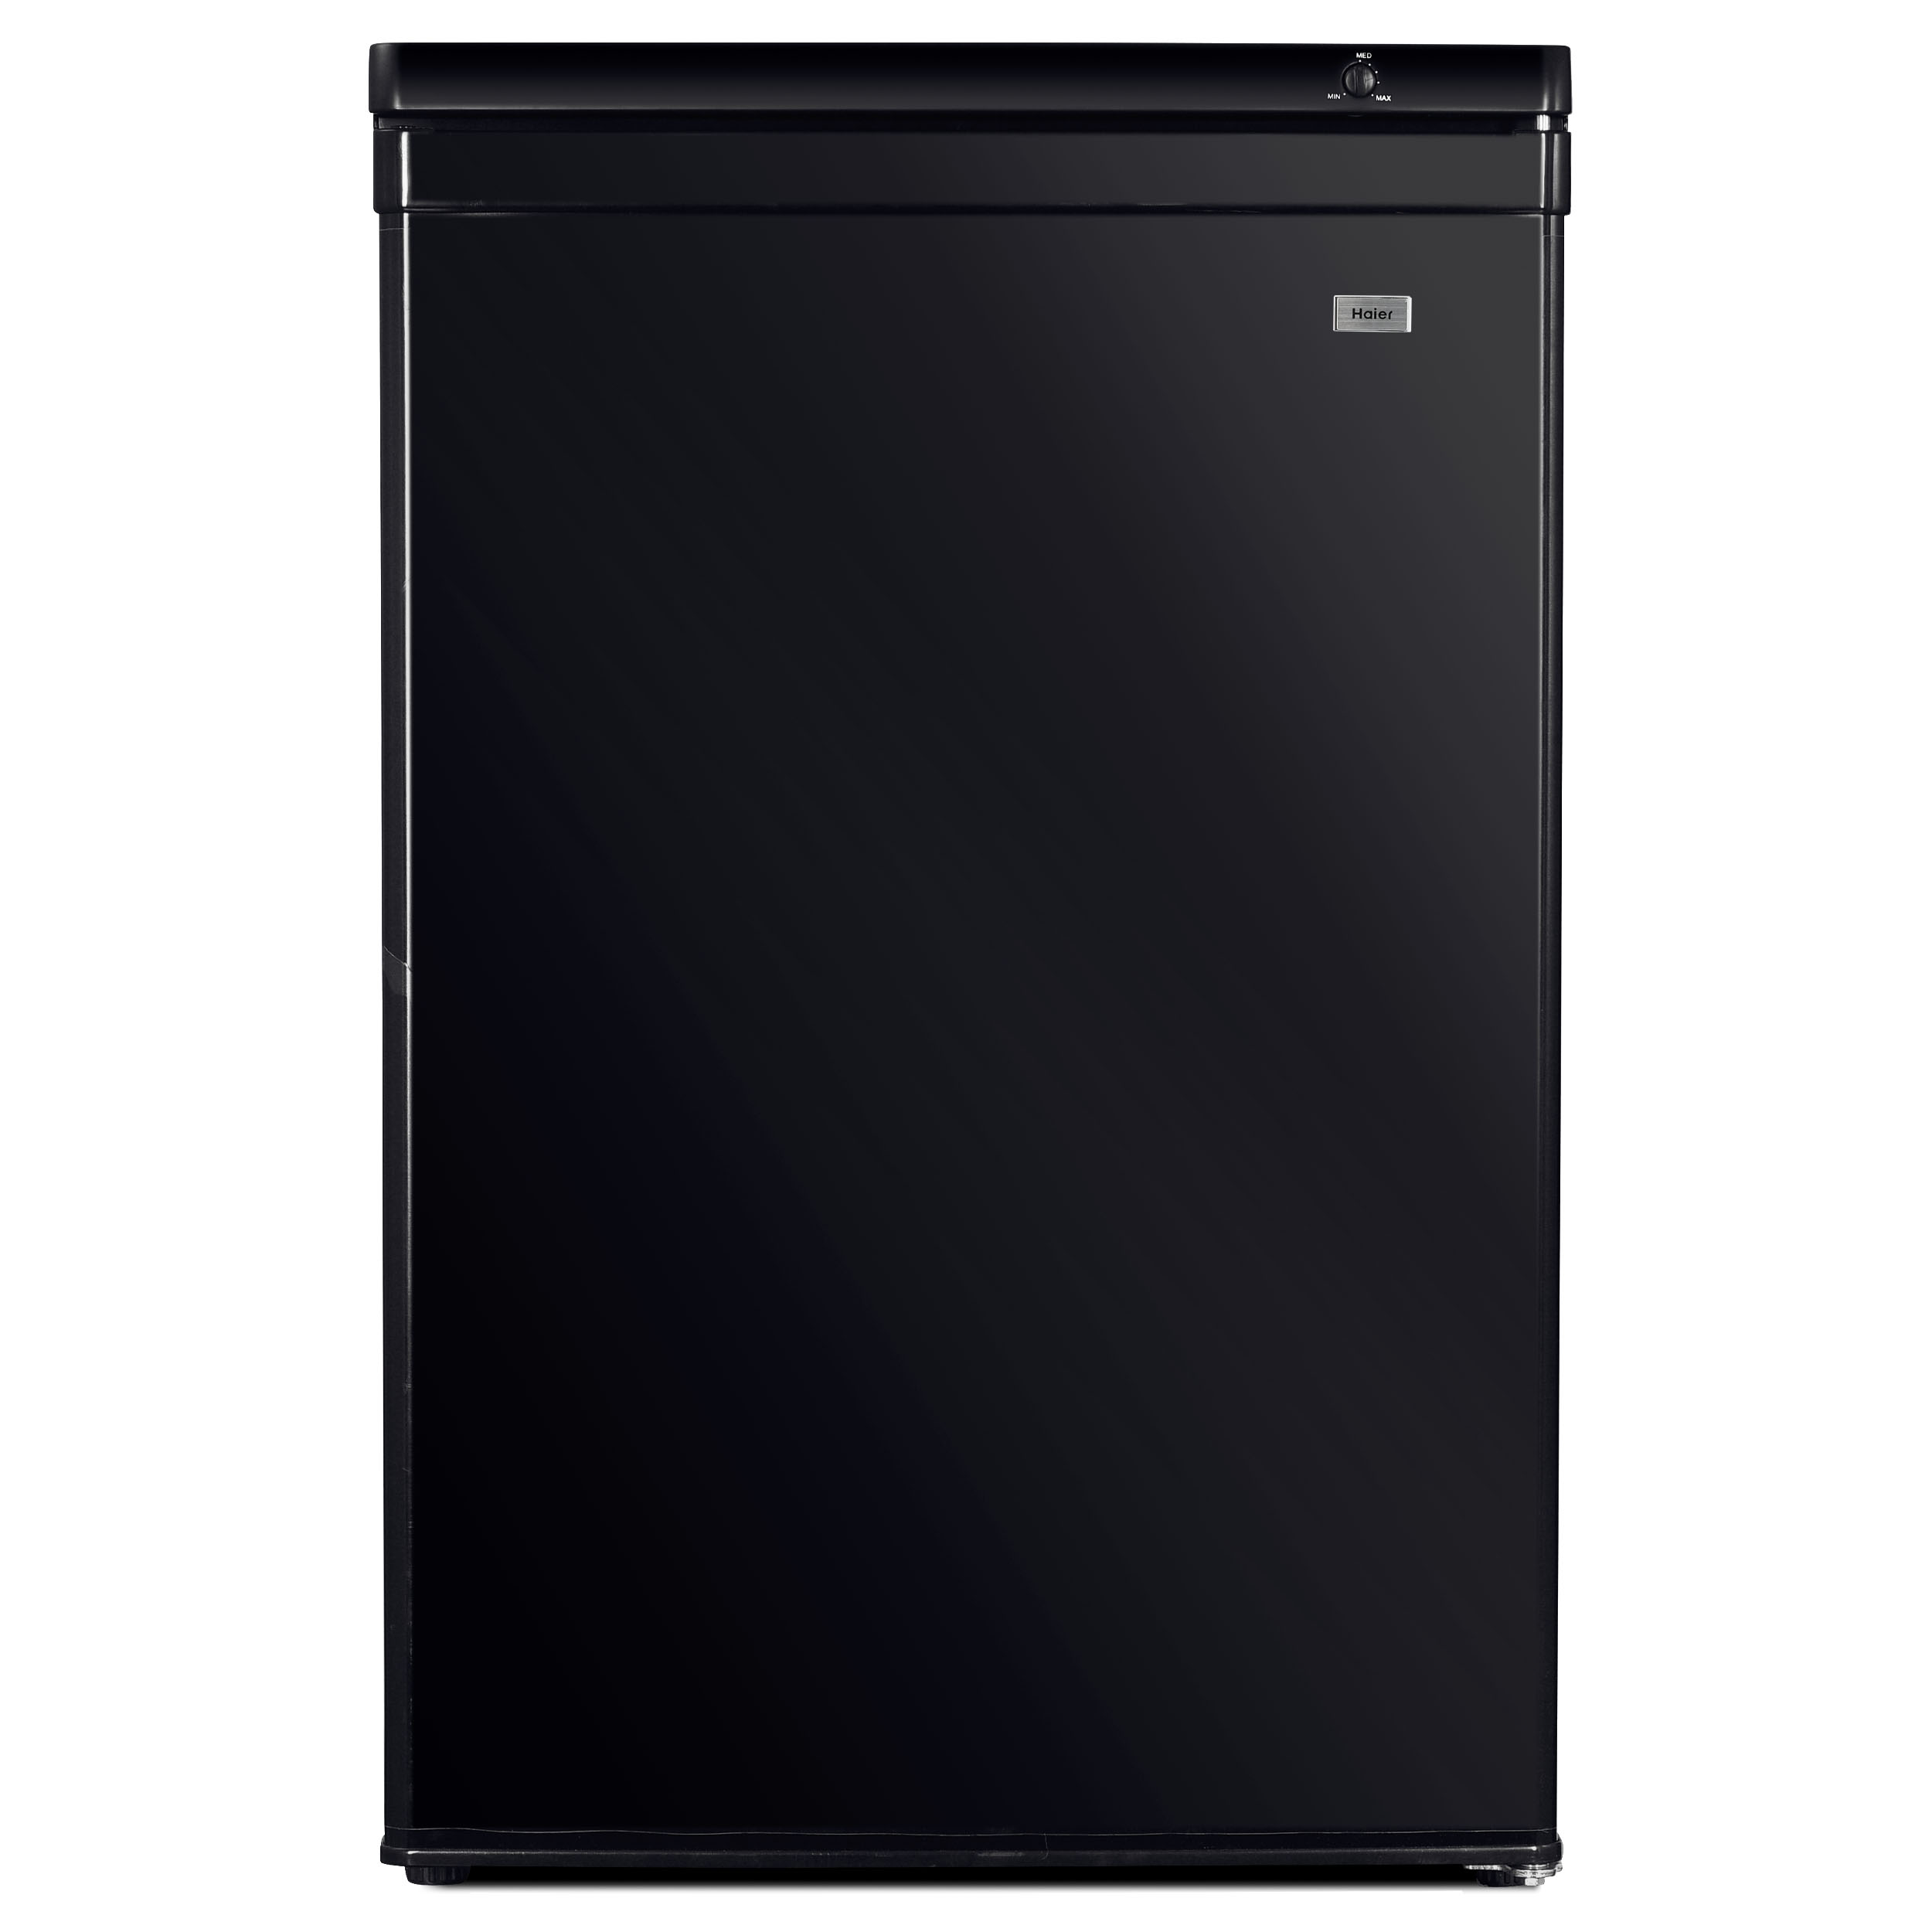 하이얼 냉동고 HUF90MDB 85L 방문설치 (POP 4775780165)